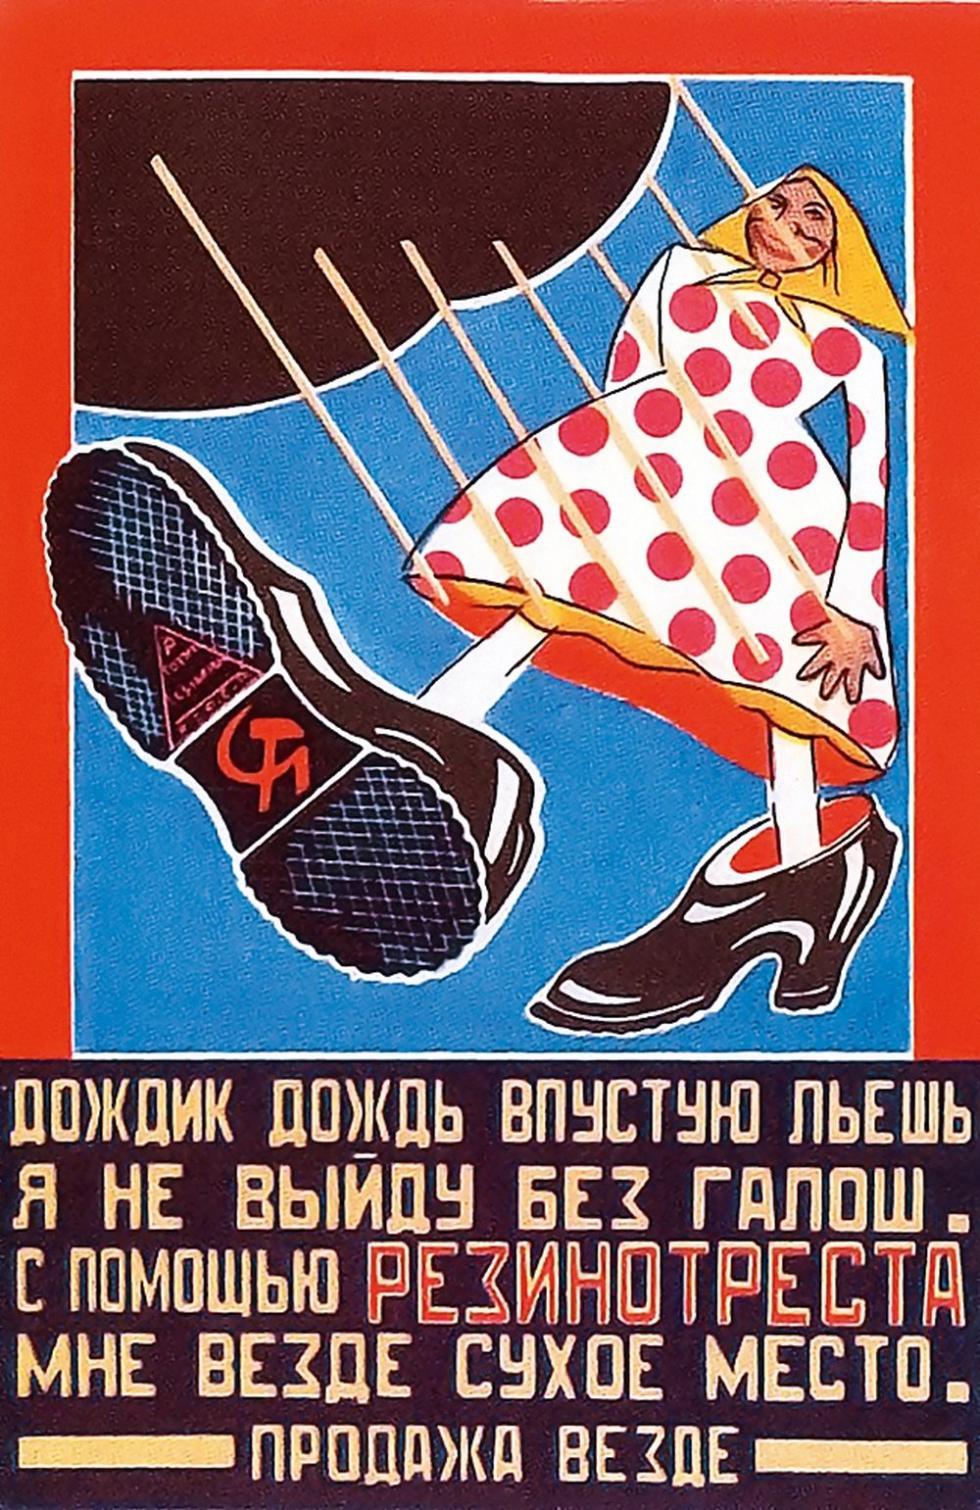 """""""橡胶托拉斯""""牌套鞋广告 / 俄罗斯报社"""